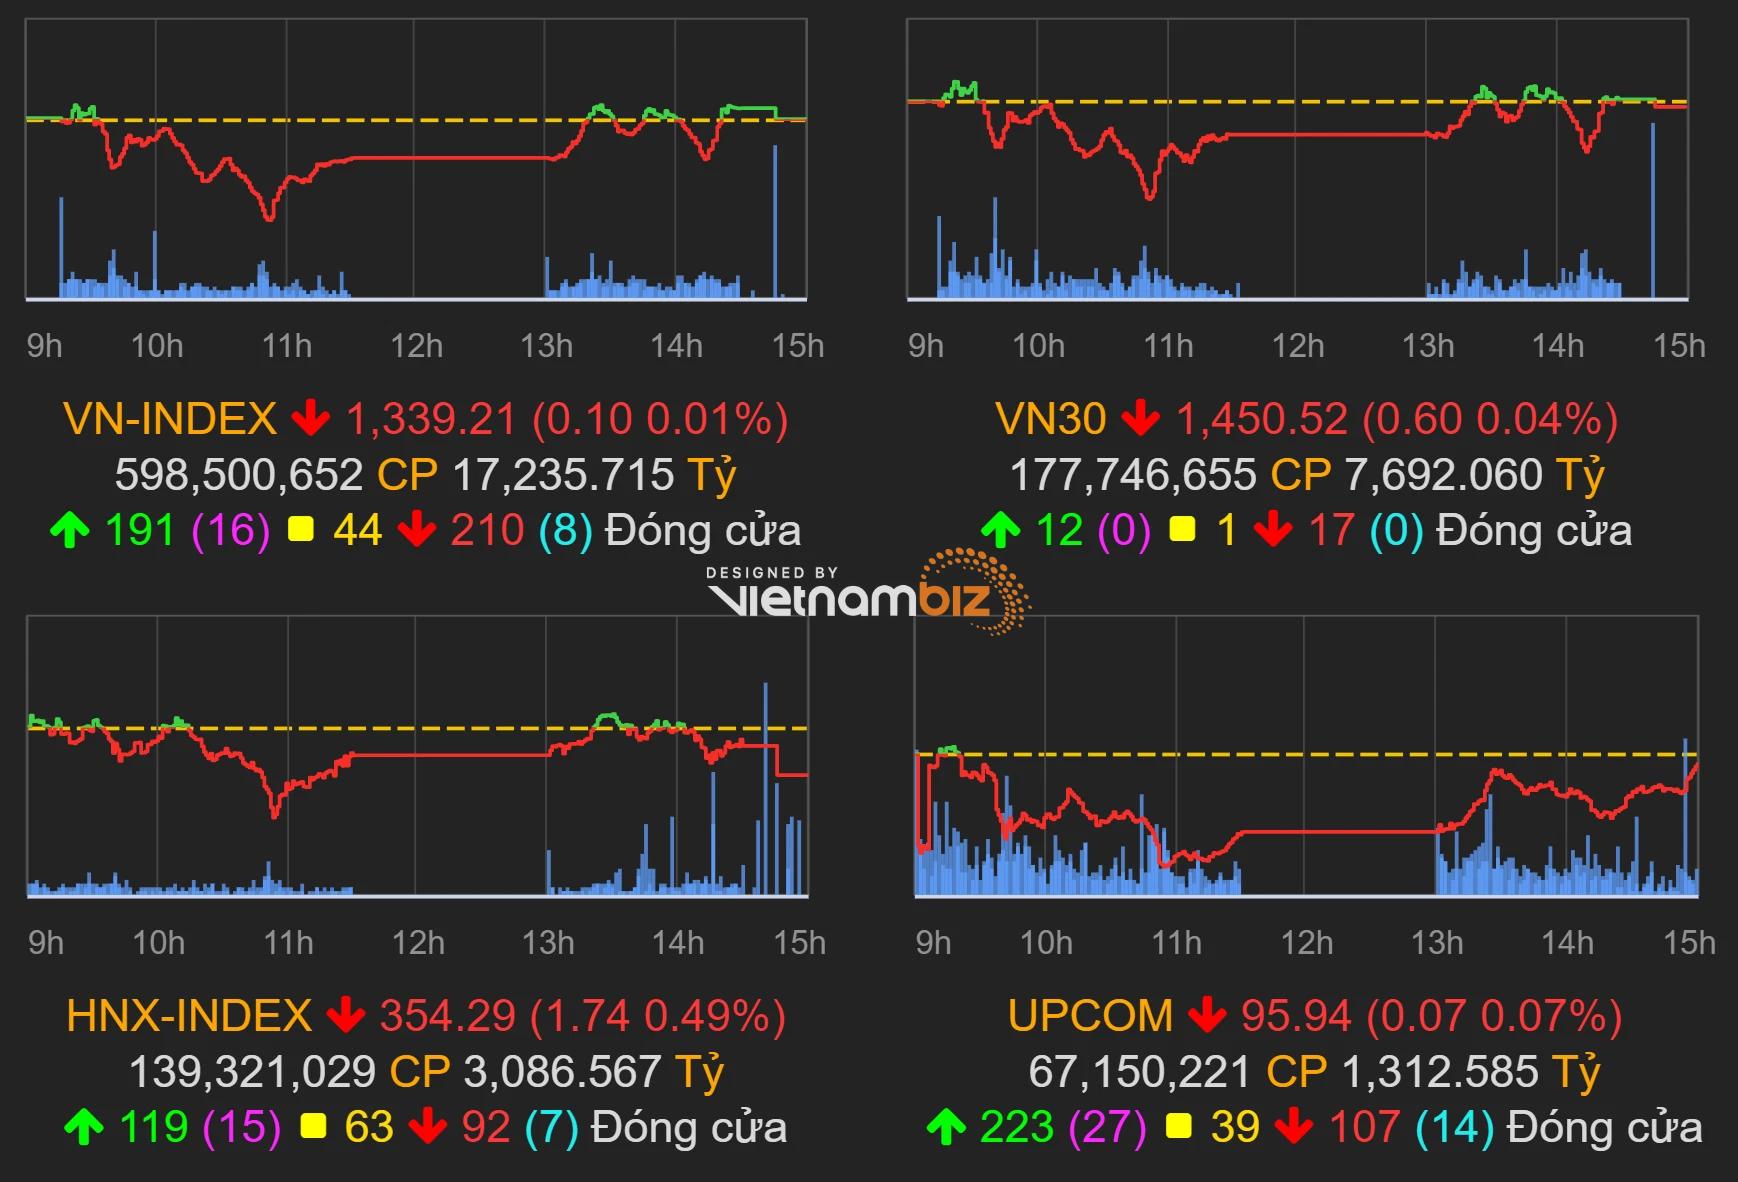 Thị trường chứng khoán (29/9): VN-Index hồi phục về sát mốc tham chiếu bất chấp GDP âm kỷ lục - Ảnh 1.